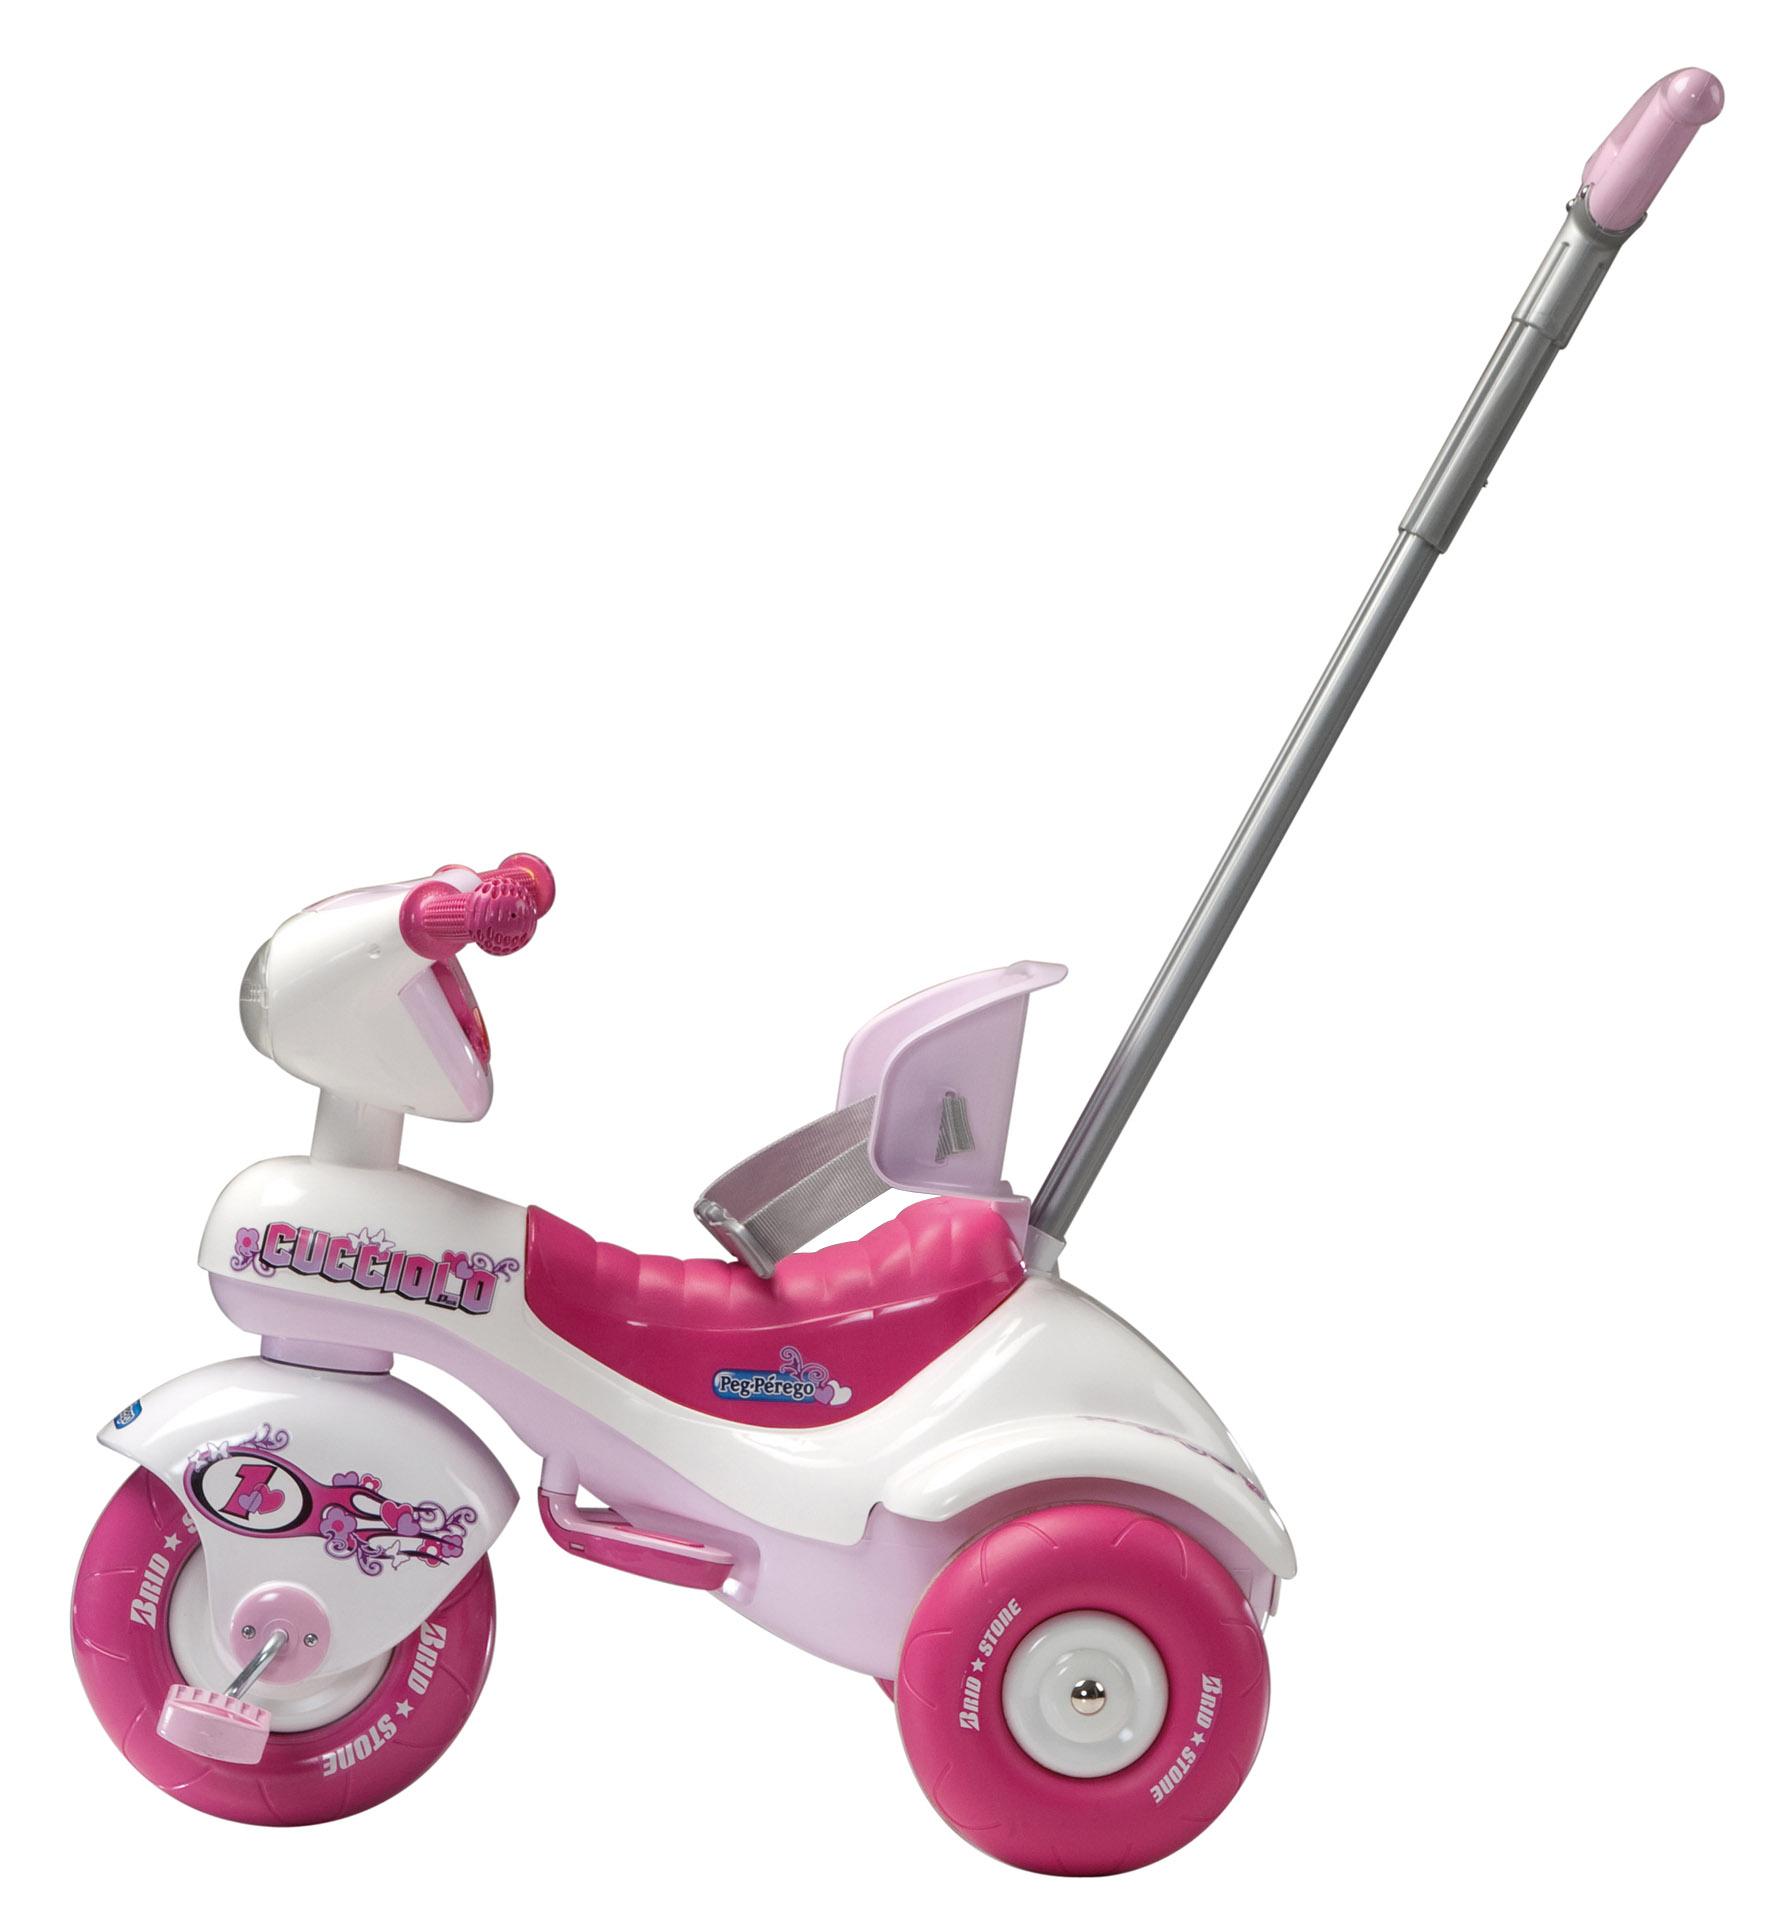 Peg-Perego - Tricicleta Cucciolo